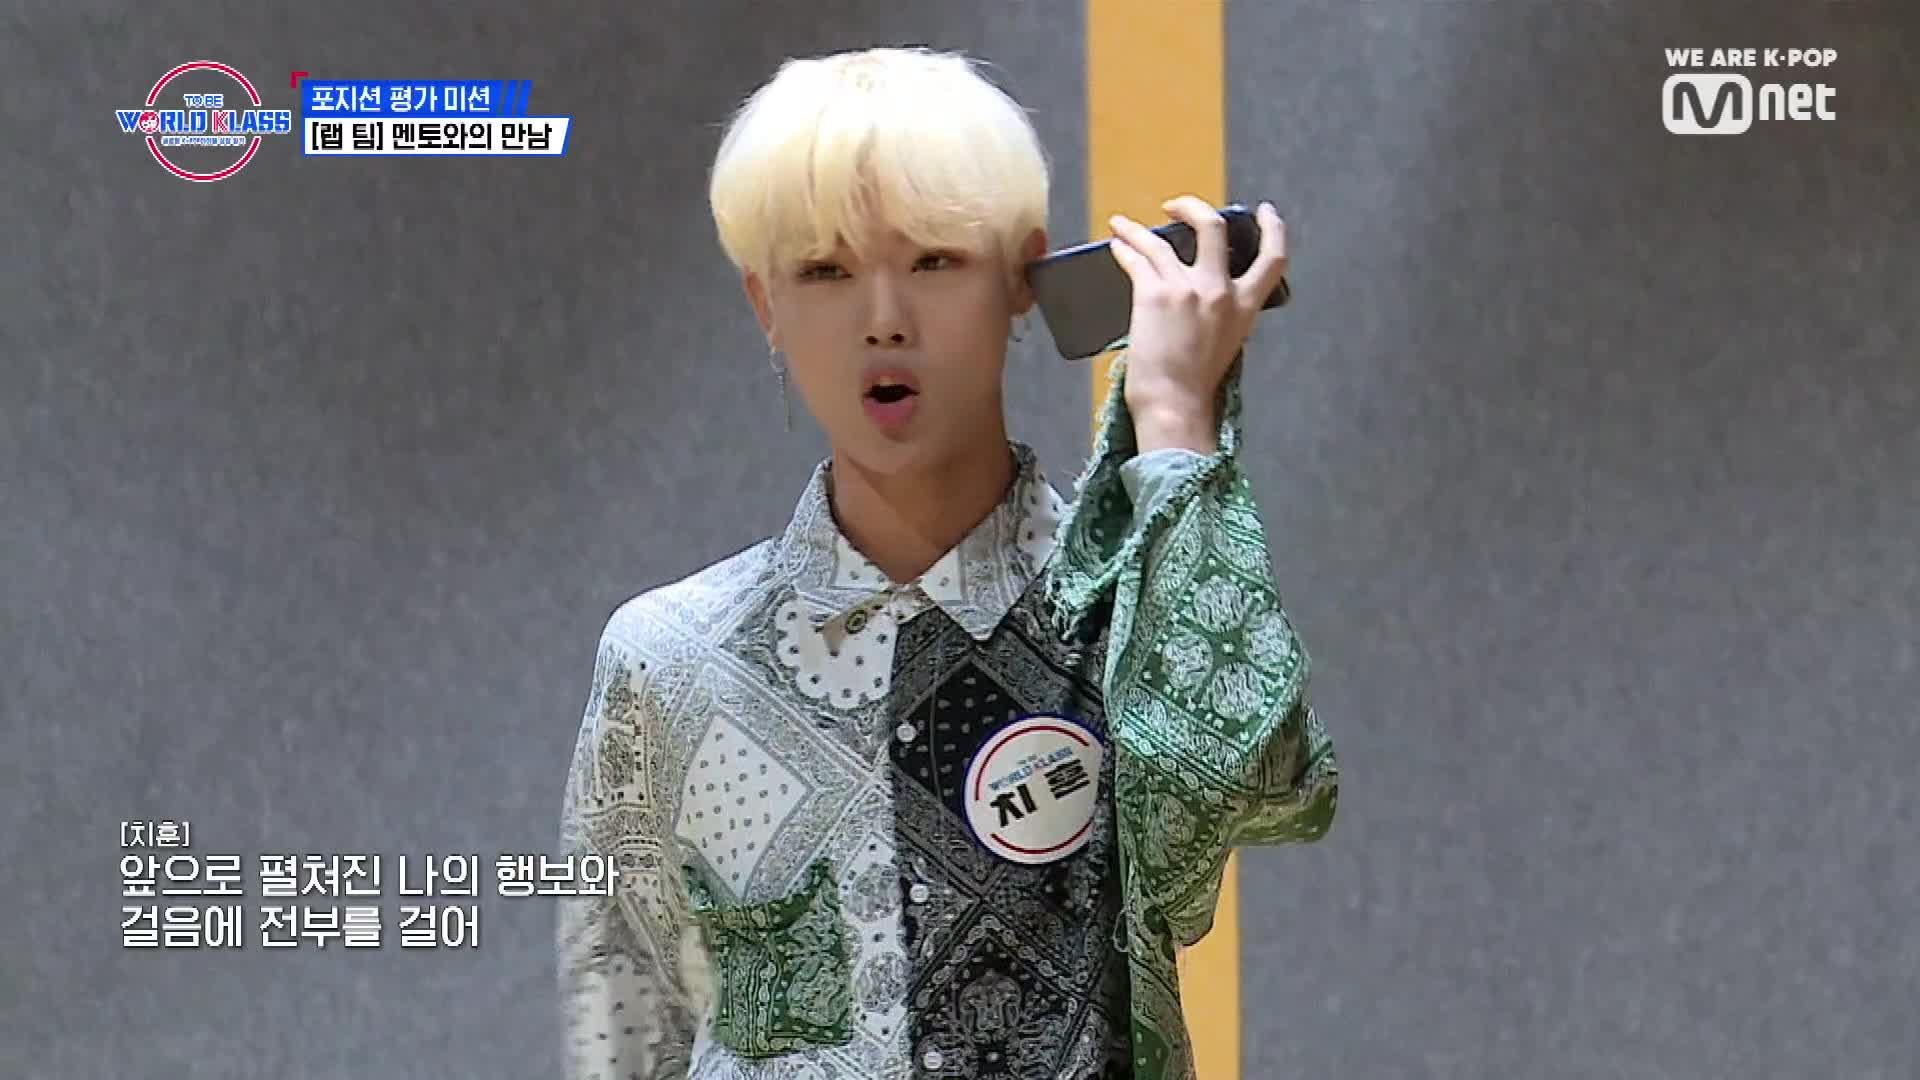 [6회] '끼 발산' 퍼포먼스 테스트 & '강렬한 한방' 랩 테스트